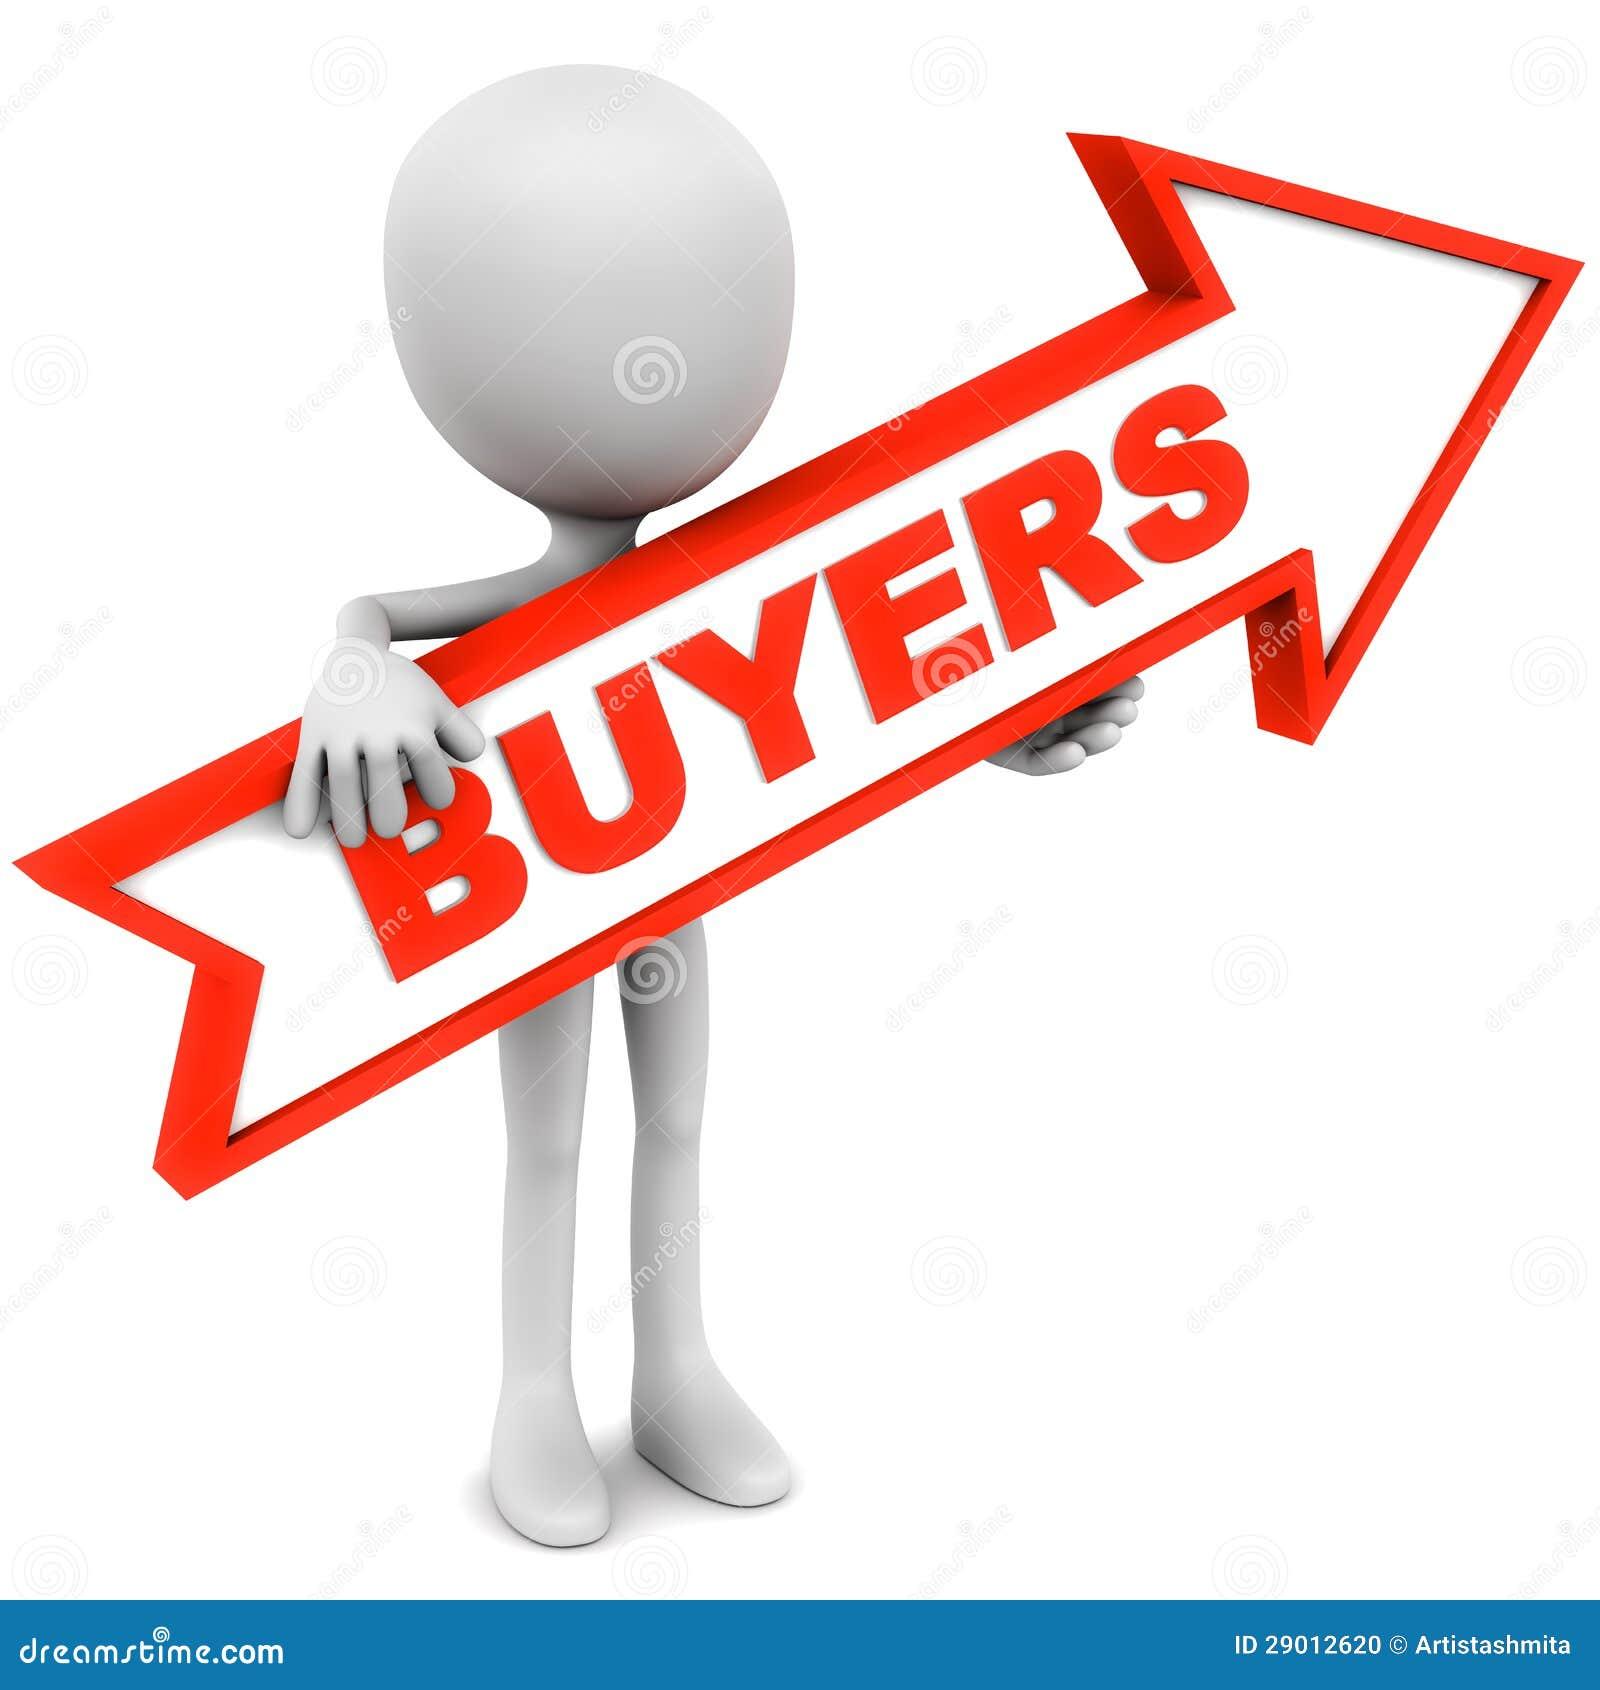 Buyers